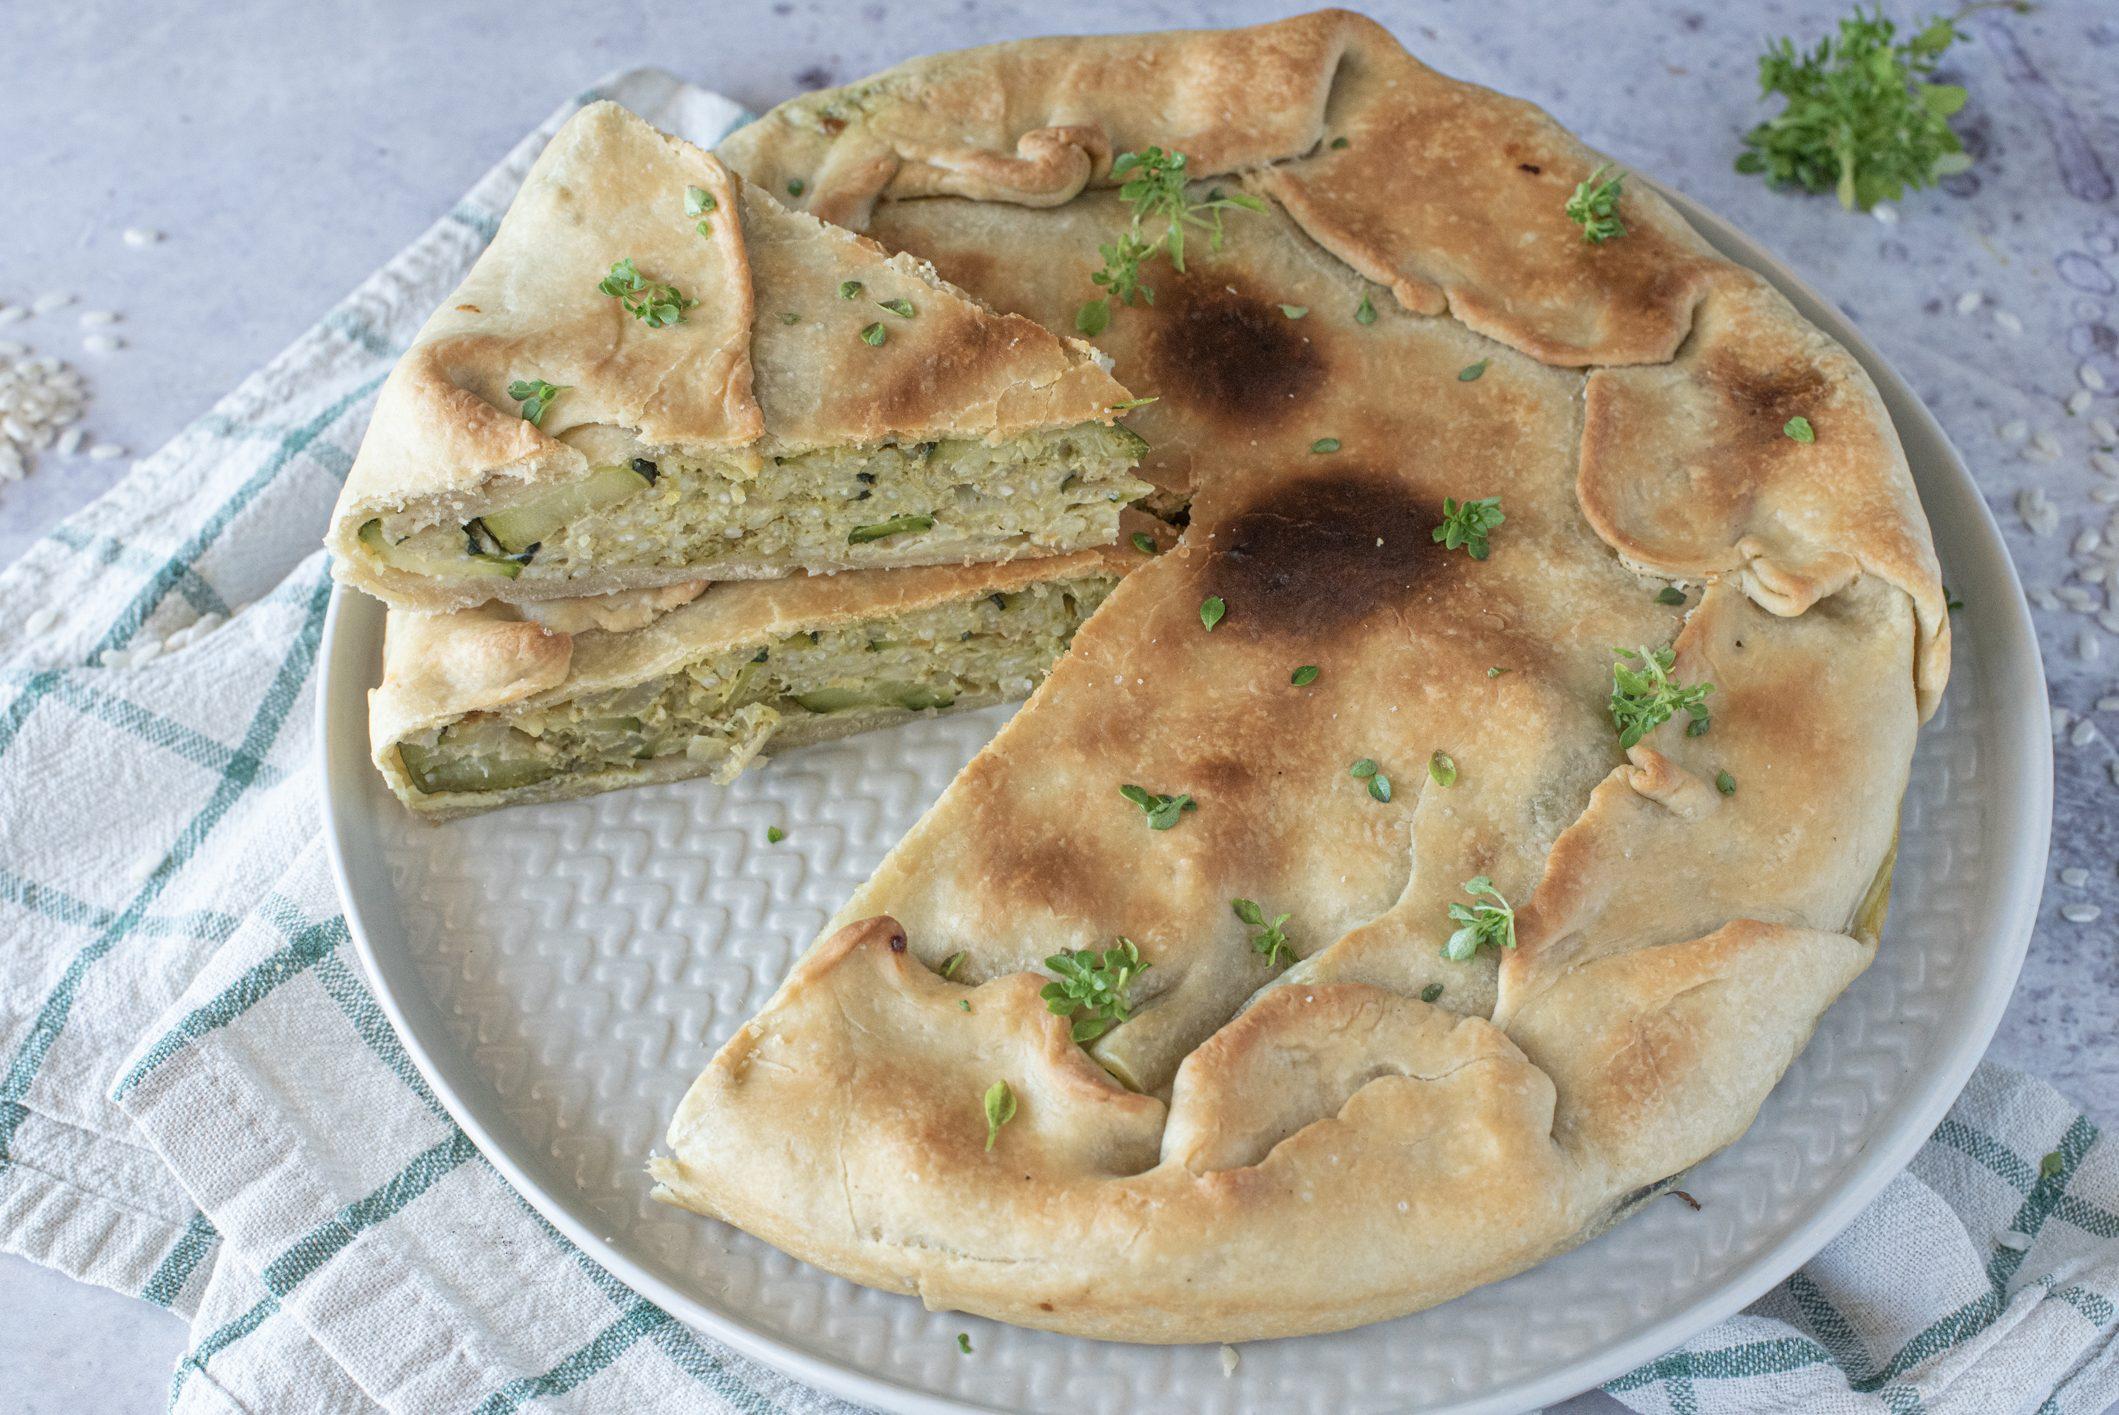 Torta verde: la ricetta della torta salata tipica della tradizione ligure